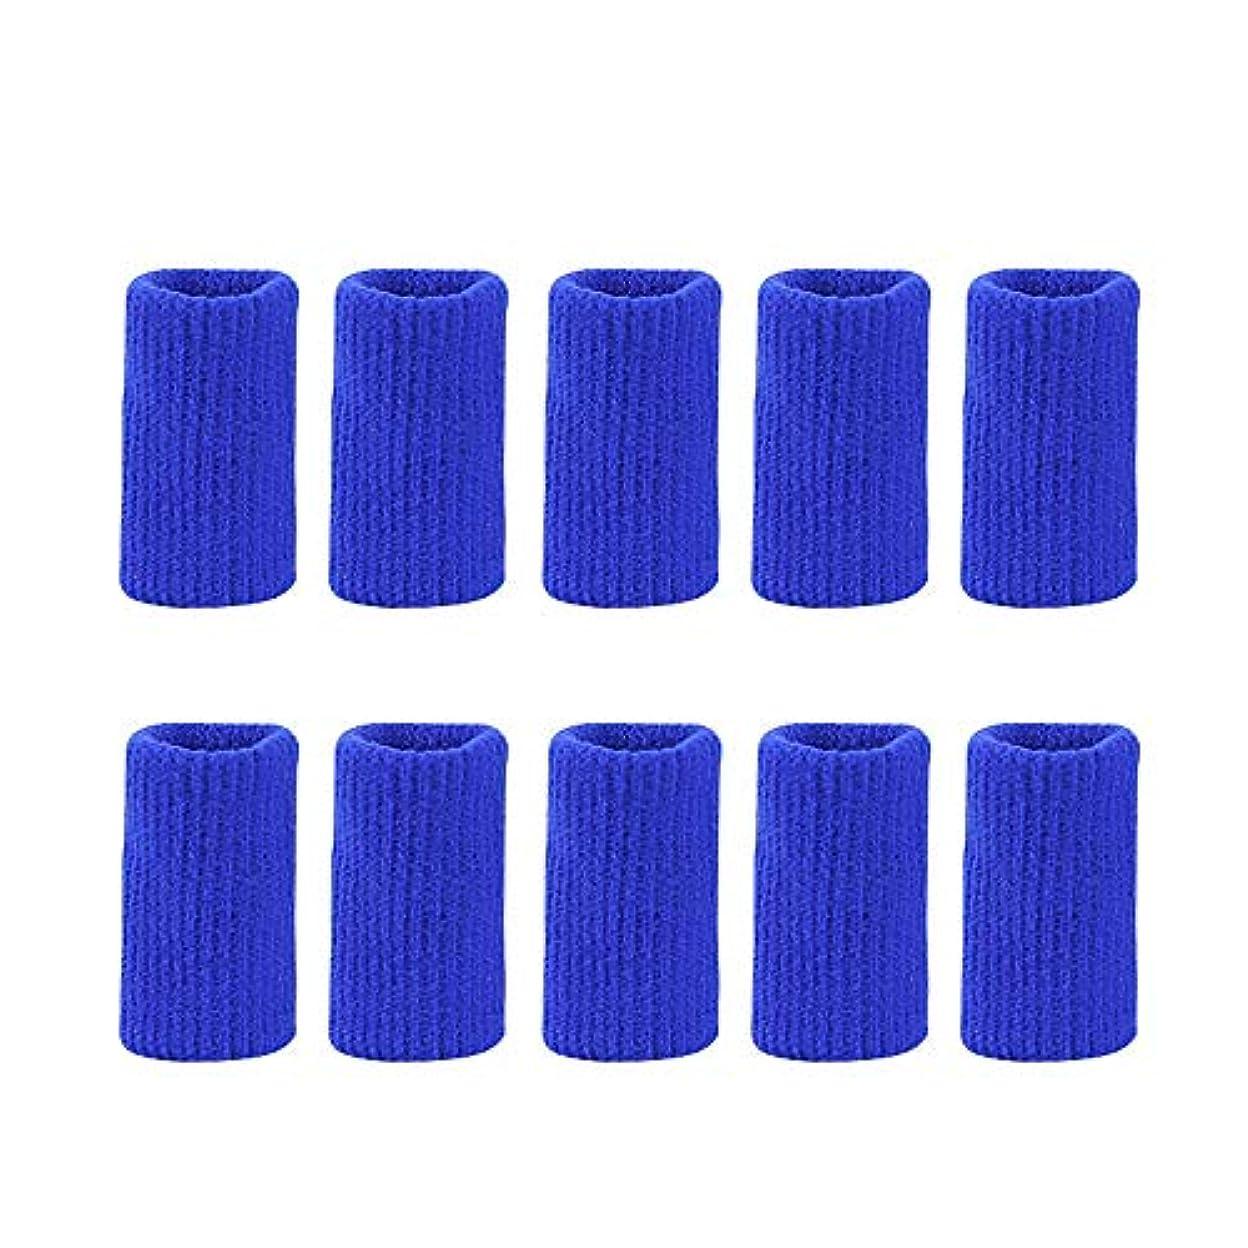 謎めいた集中的なゴージャスフィンガープロテクタースリーブナイロンニットフィンガージョイントカバー防止摩擦関節炎伸縮サポートスポーツ補助バスケットボールフィンガーガード,ブルー